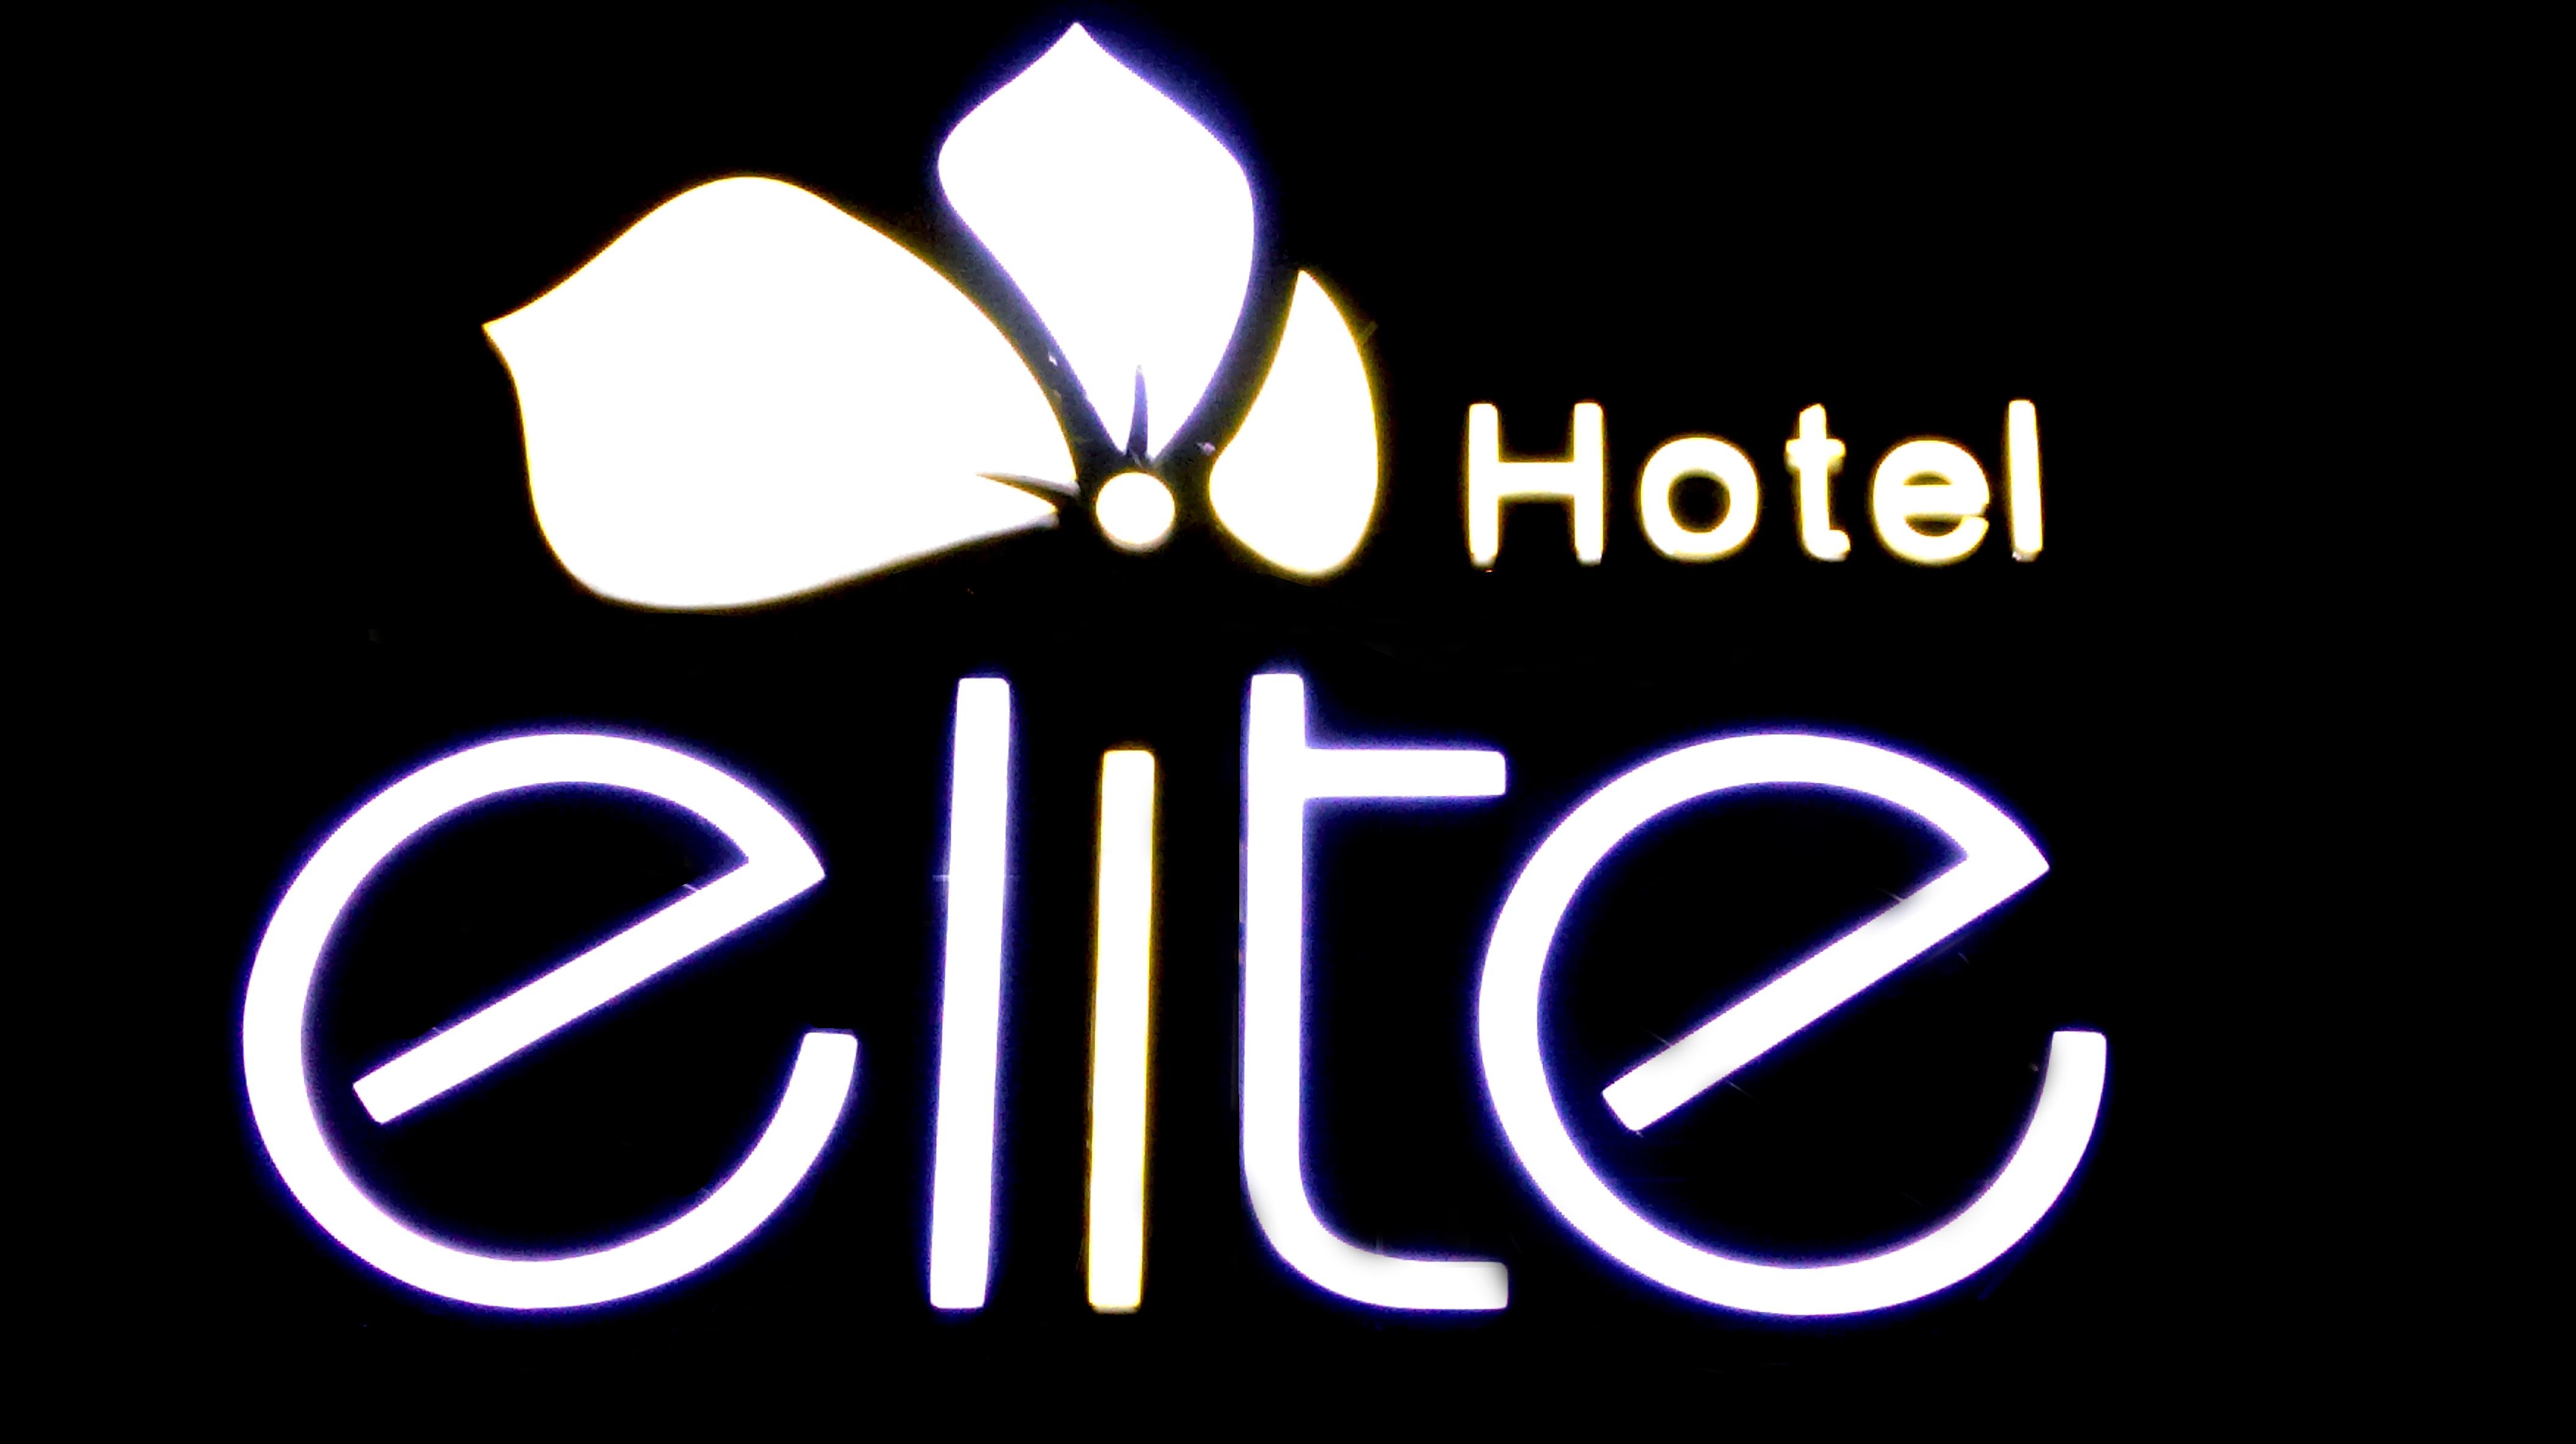 Hotel Elite - logo